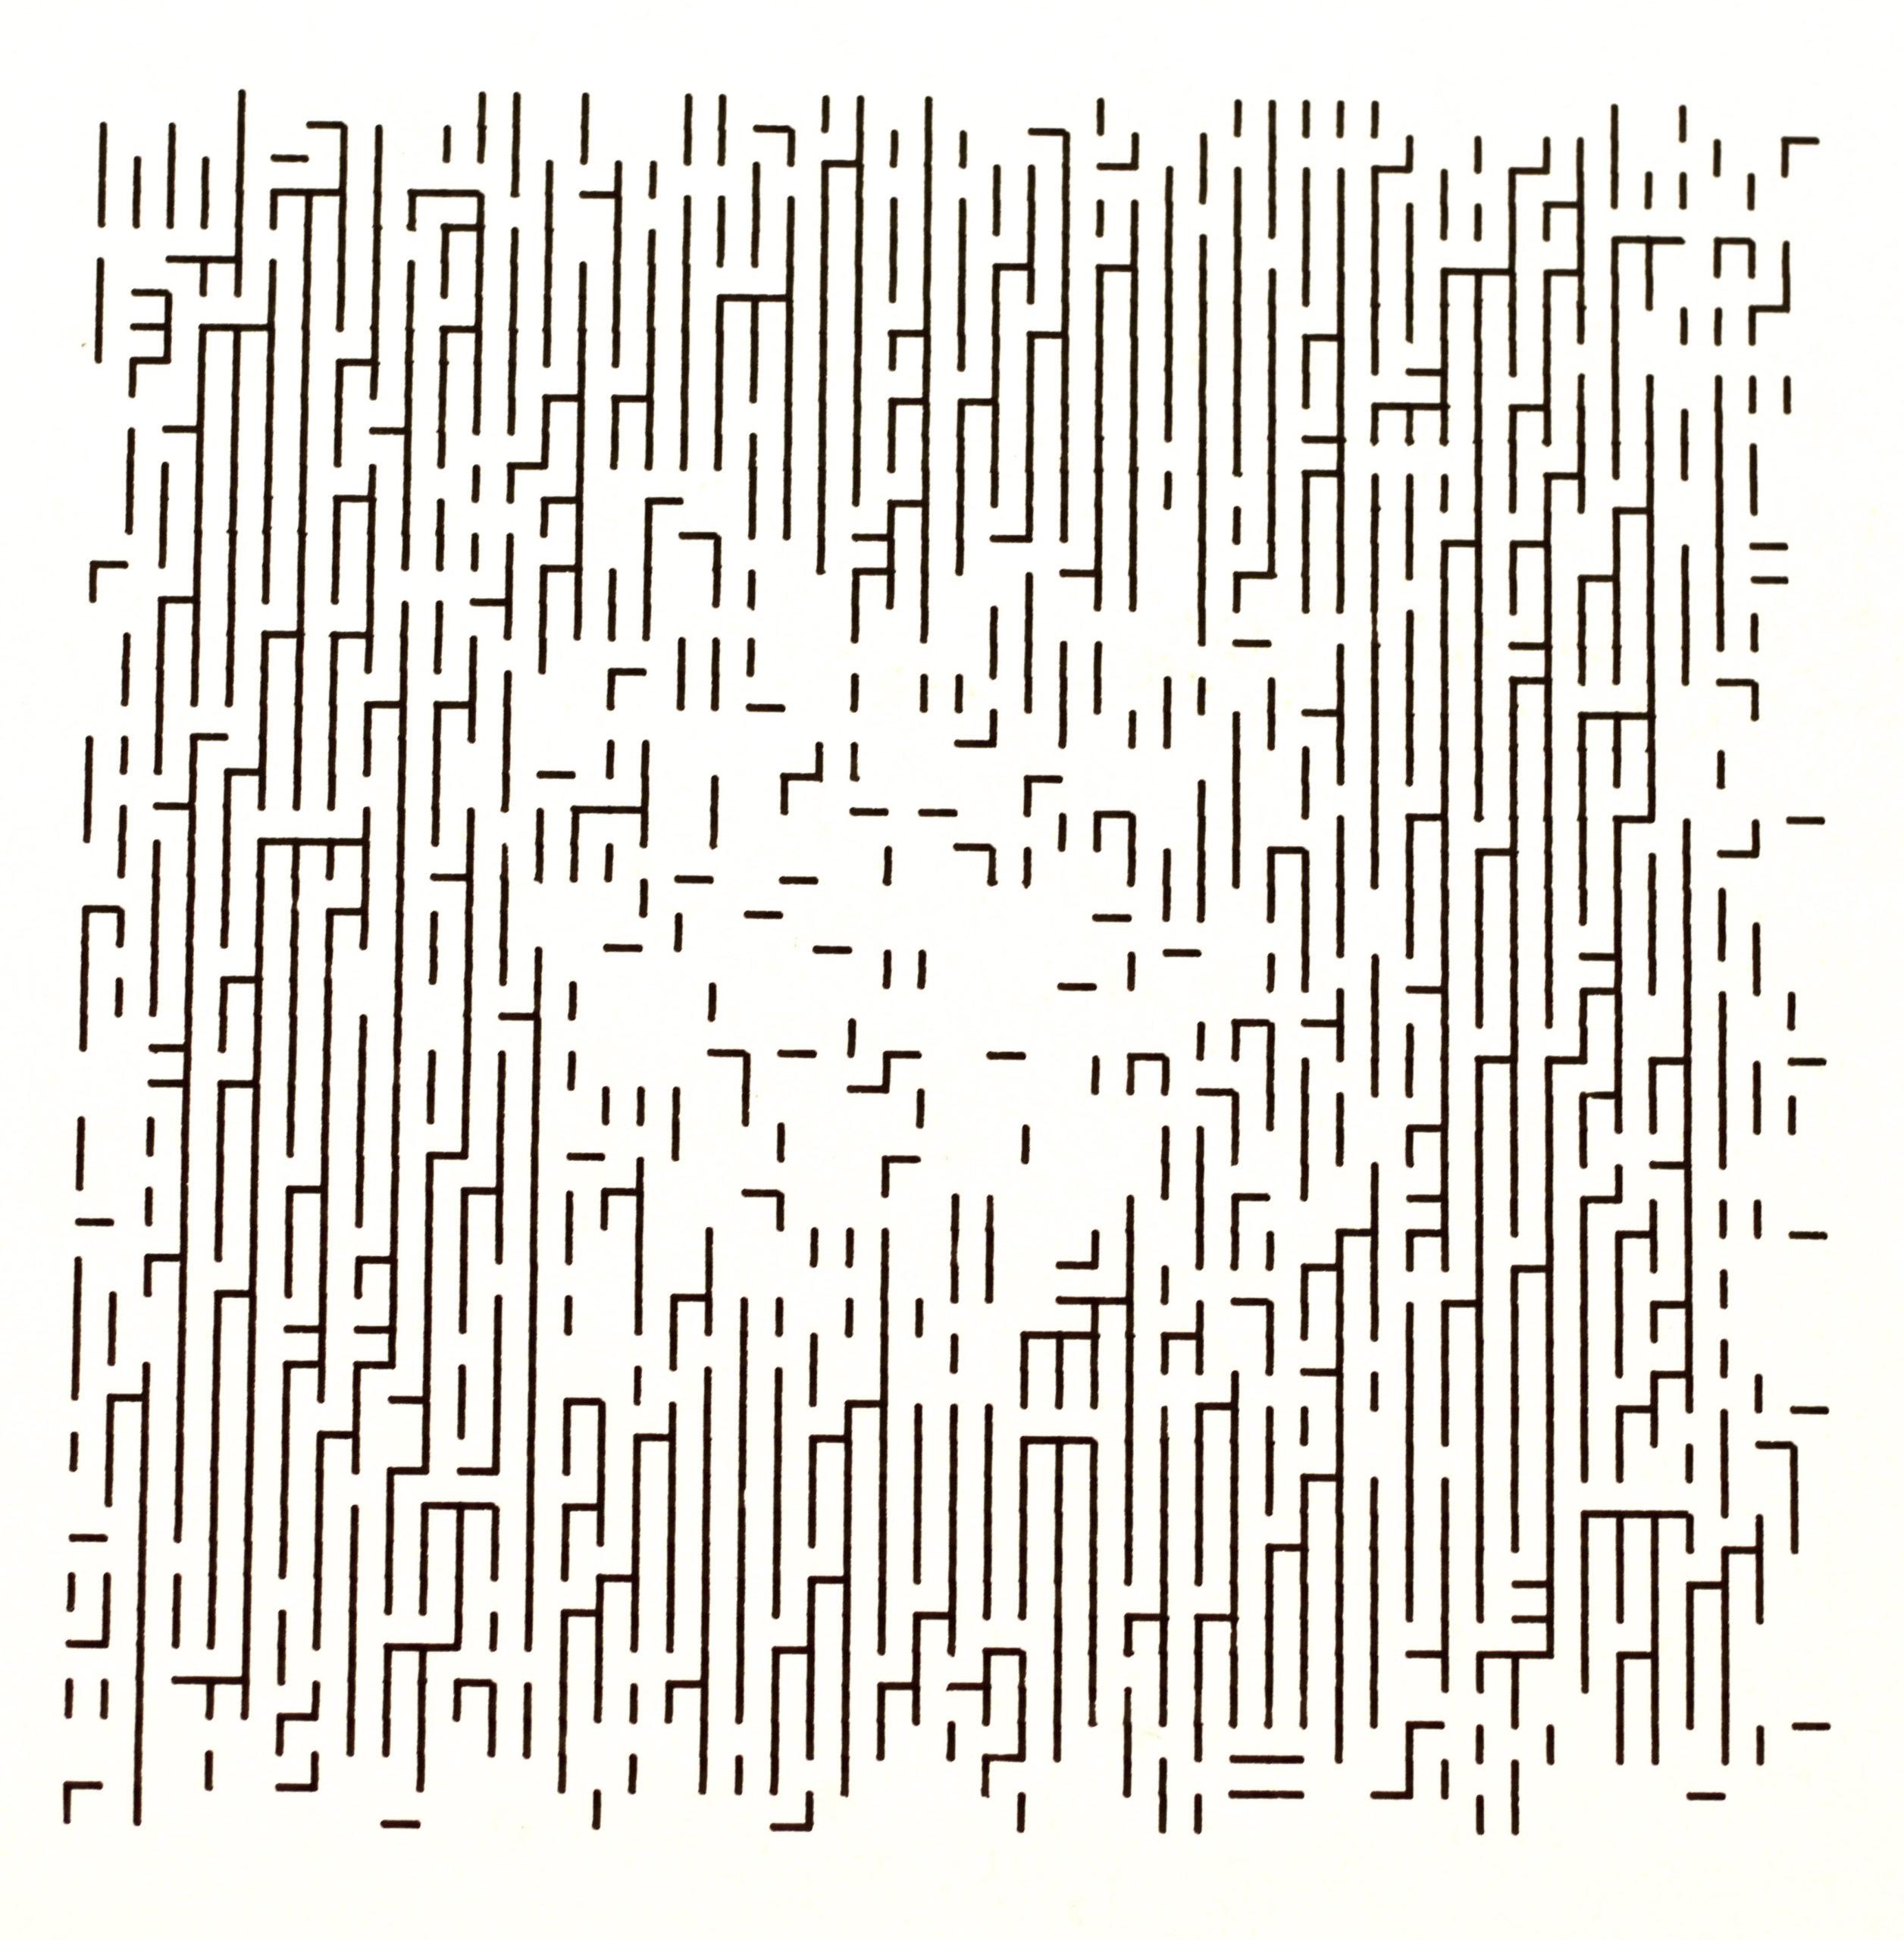 Frieder Nake, 4.11.66 Nr.1 Serie 2.1-6, Plotterzeichnung, Tinte auf Papier, 26 x 26 cm, 1966